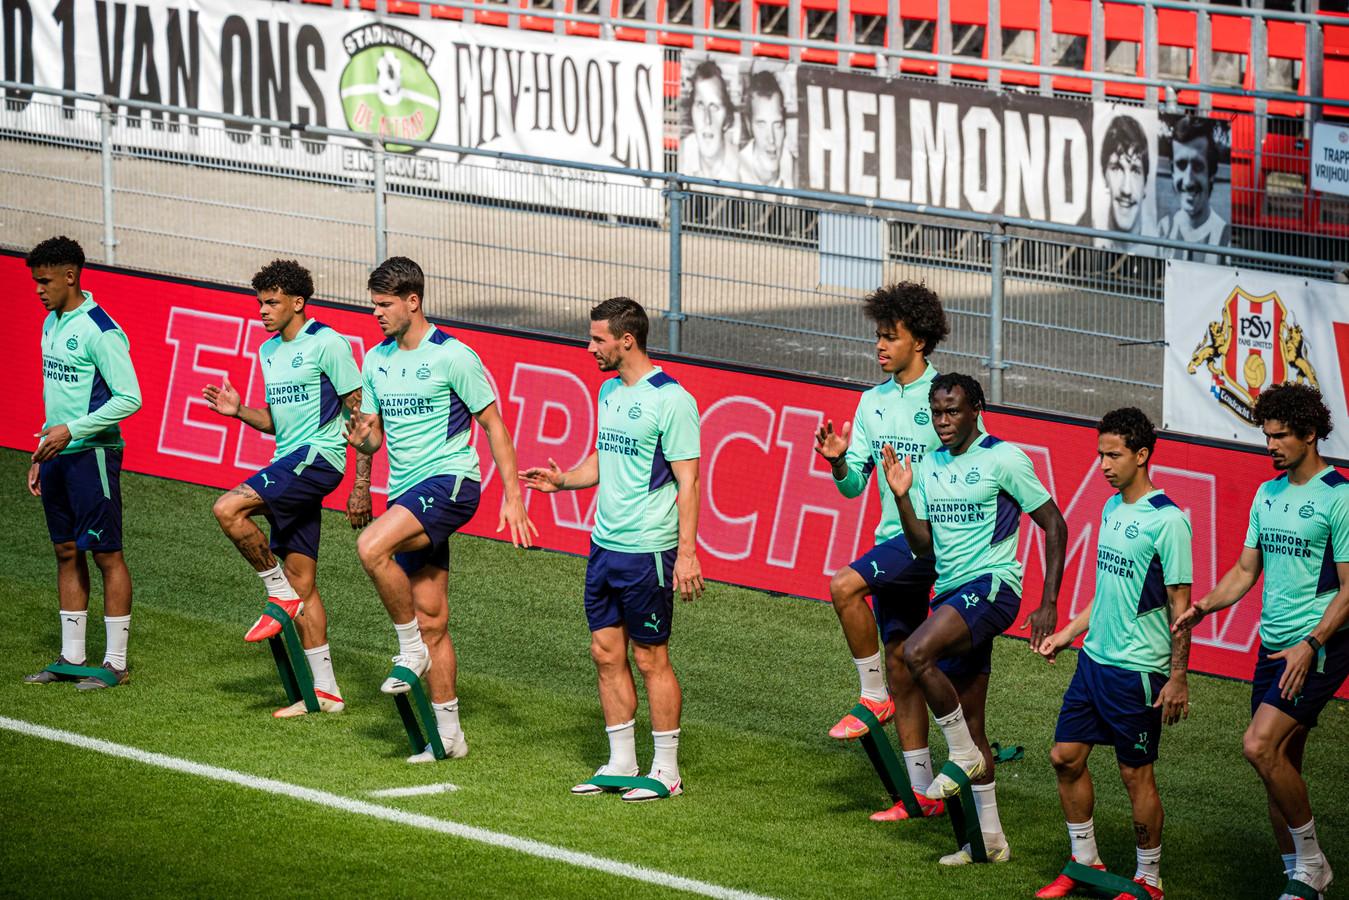 De selectie van PSV tijdens de training ter voorbereiding op het komende Champions League-duel tegen Galatasaray.